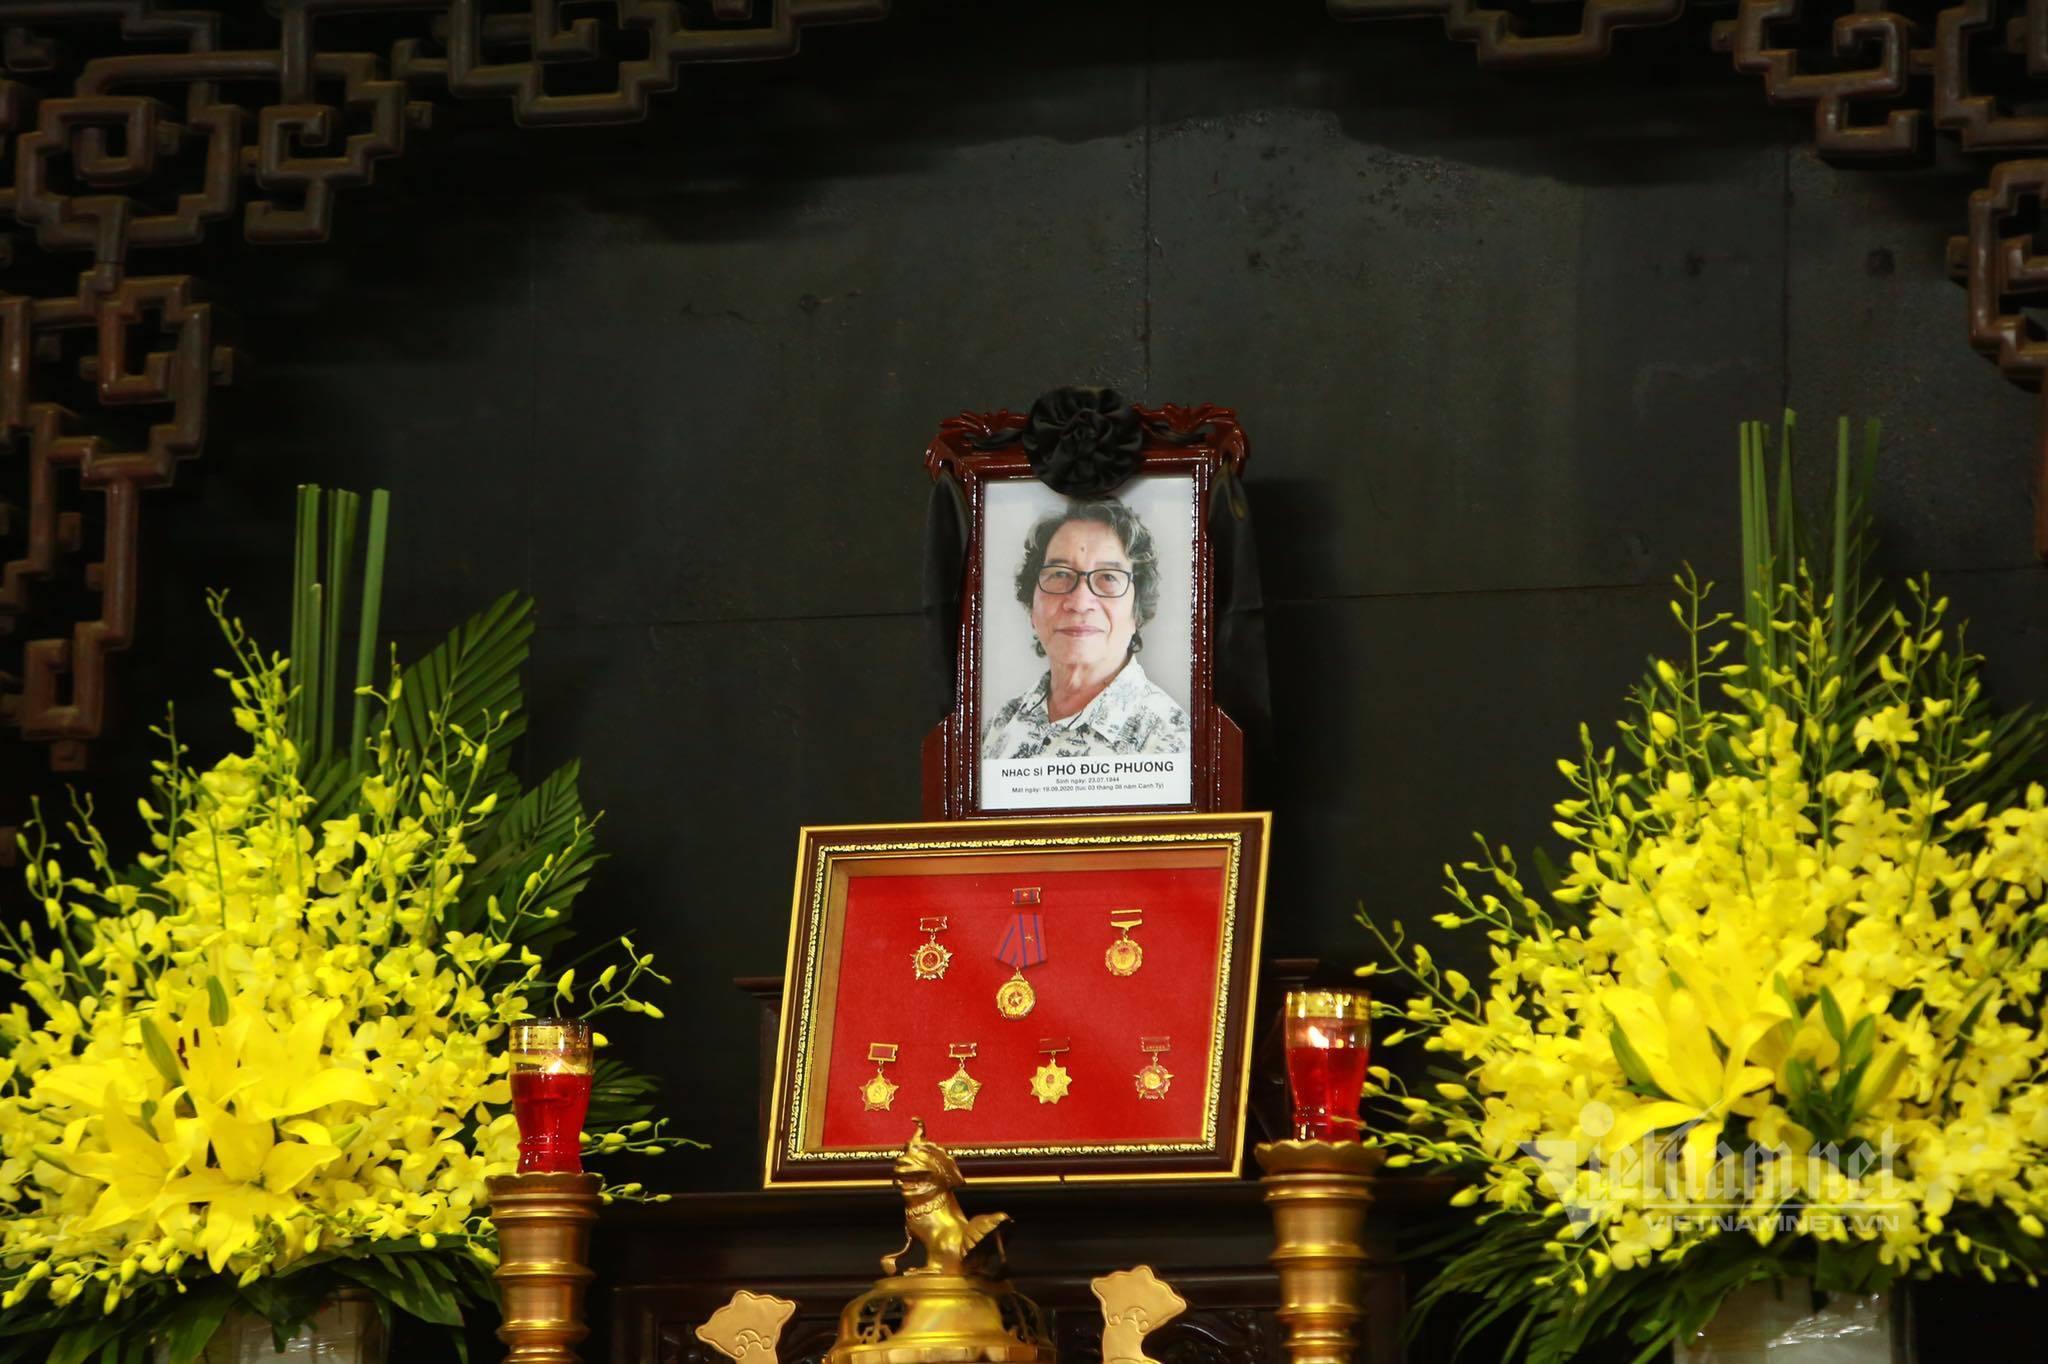 Tùng Dương, Thanh Lam khóc nghẹn bên linh cữu nhạc sĩ Phó Đức Phương